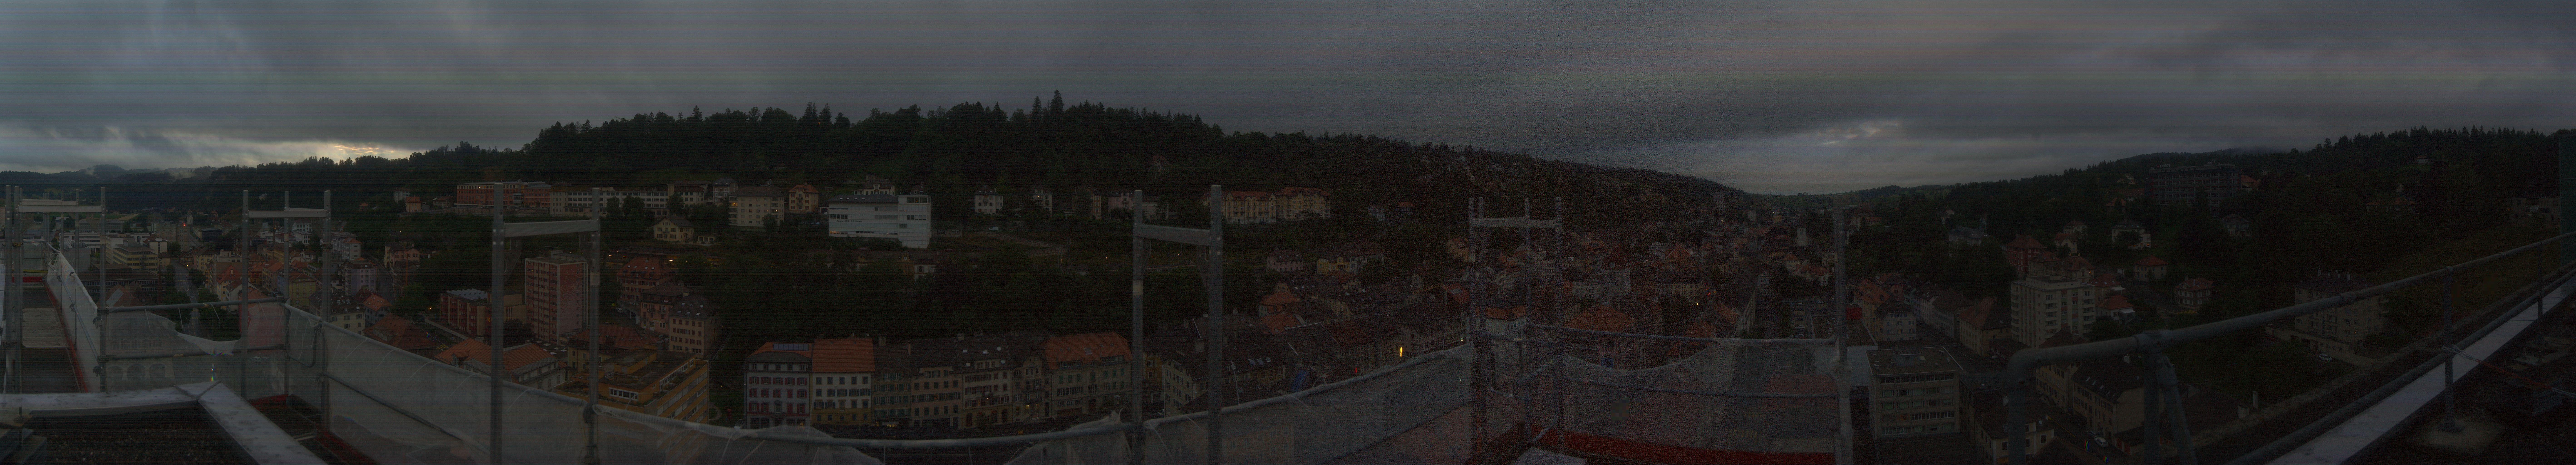 Le Locle: UNESCO Urbanisme horloger